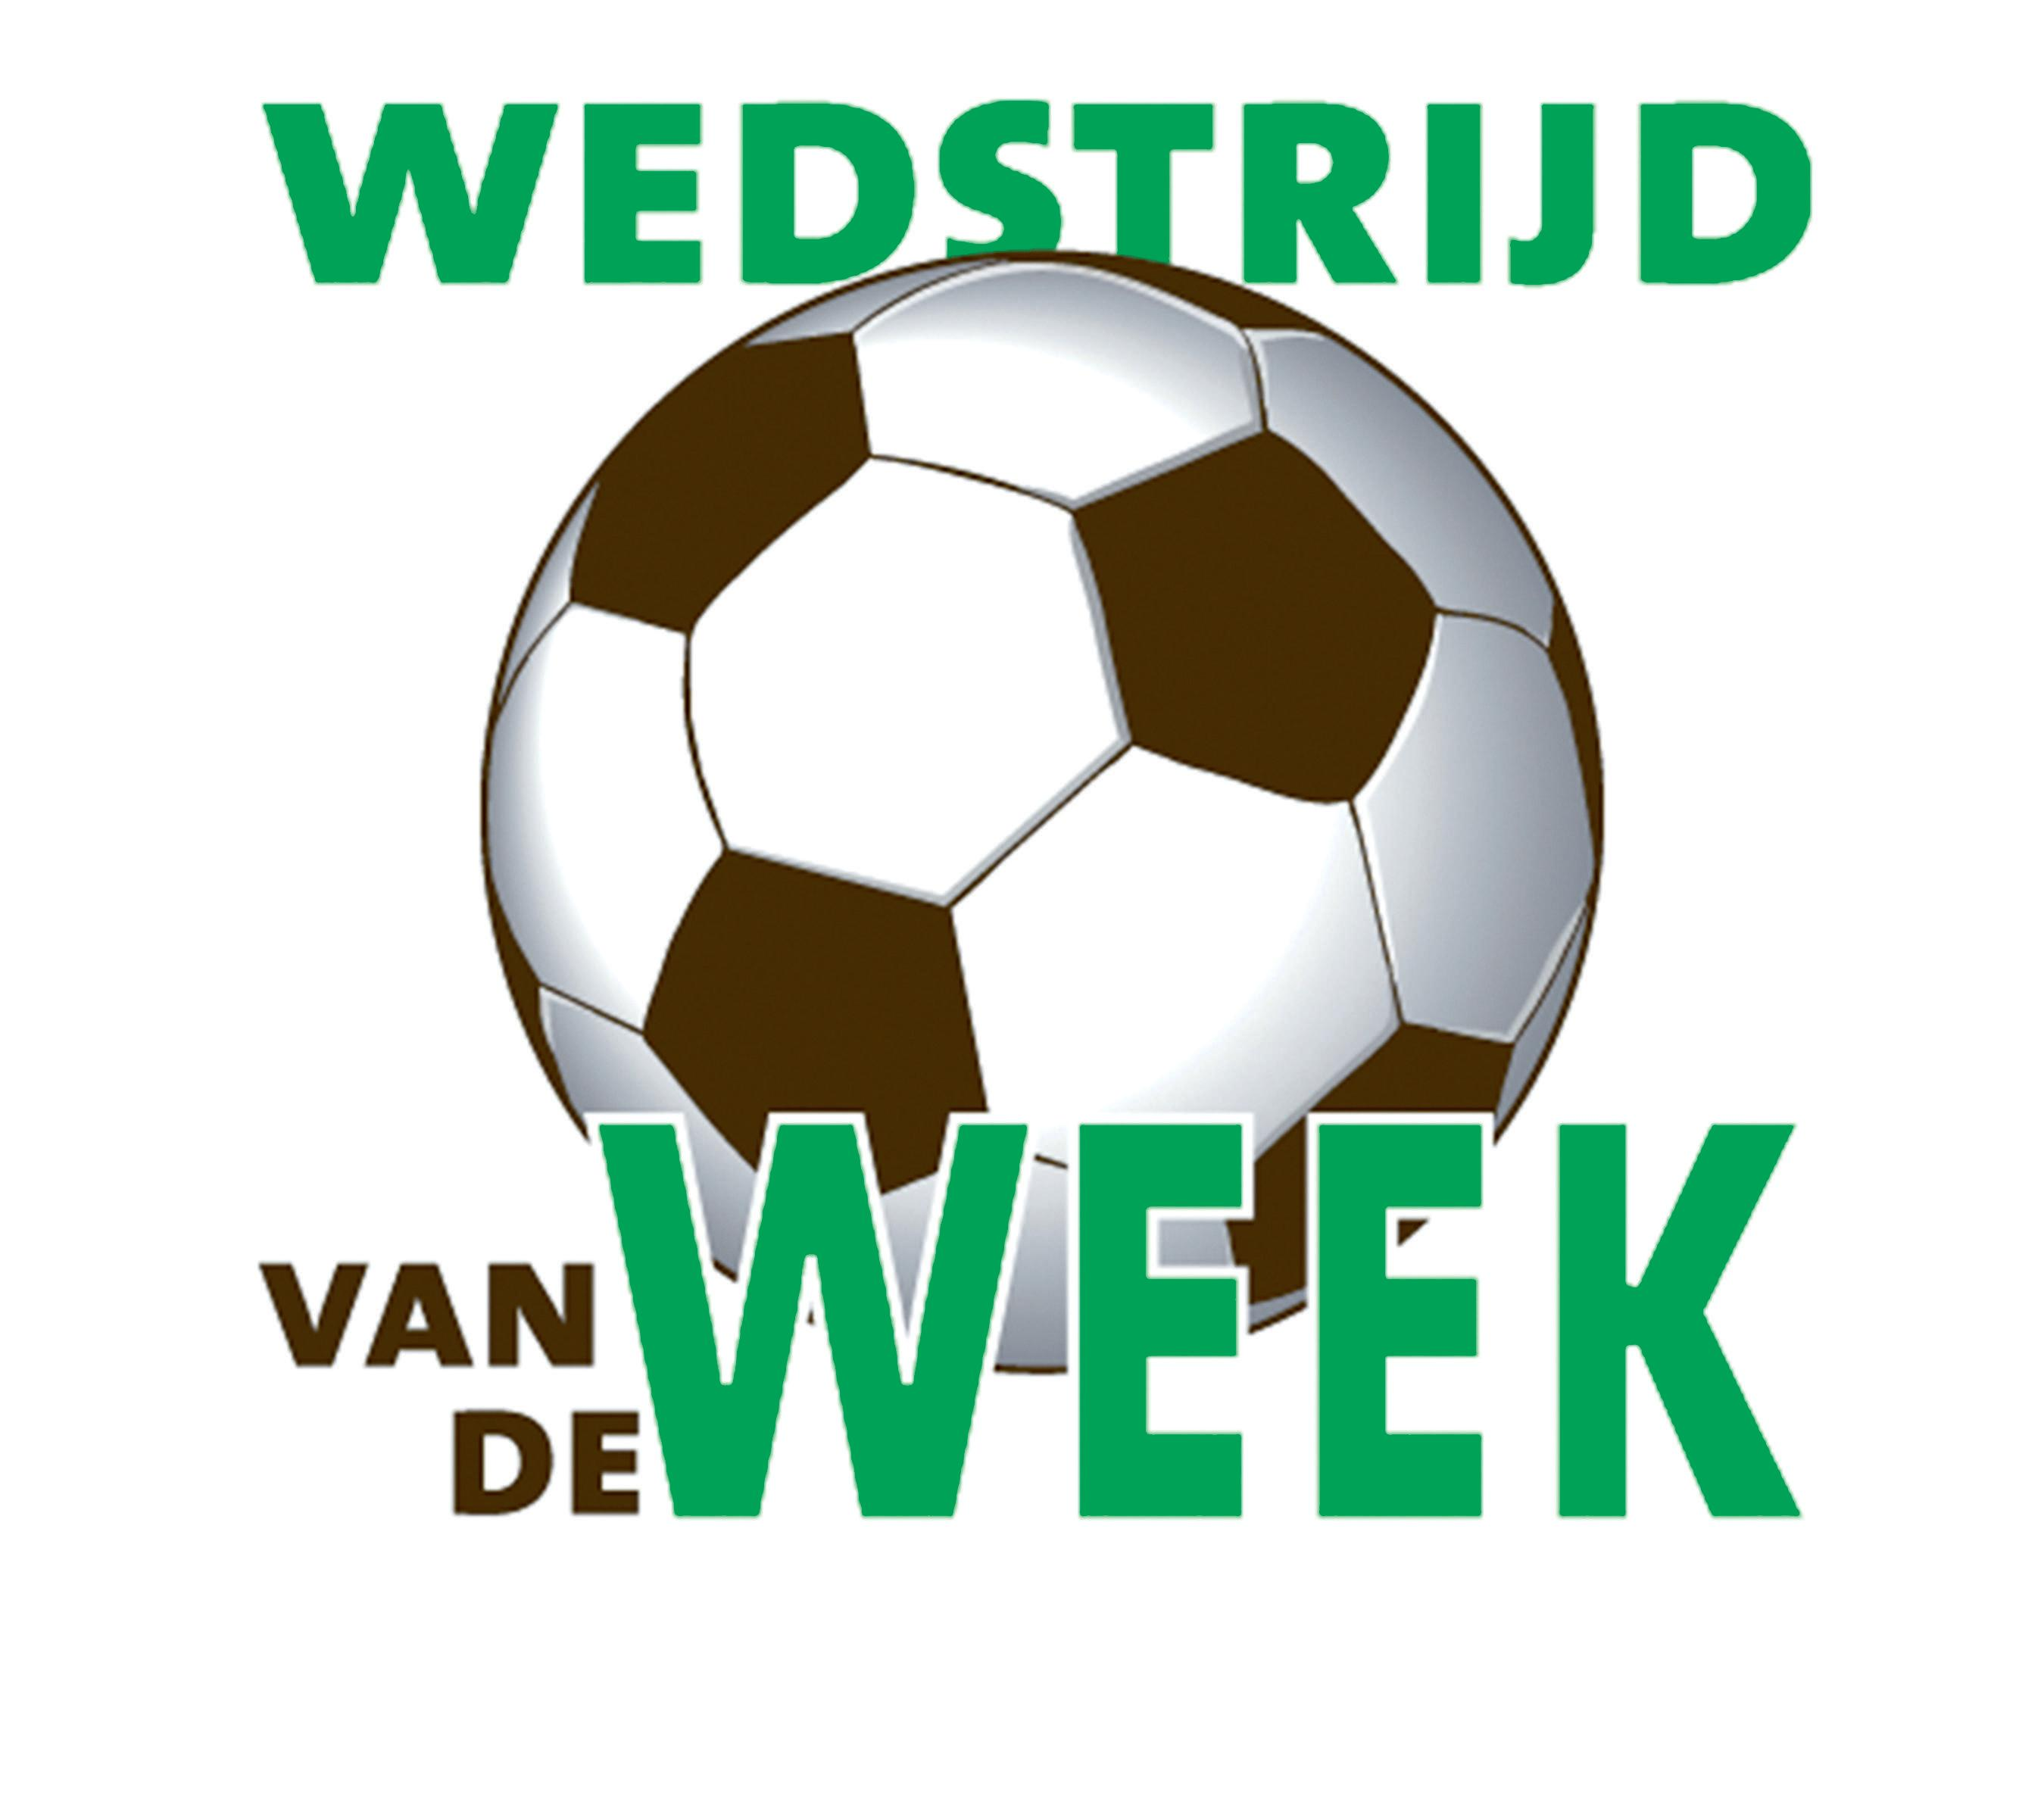 Clash tussen twee uitersten in wedstrijd van de week tussen Zandvoort en EDO